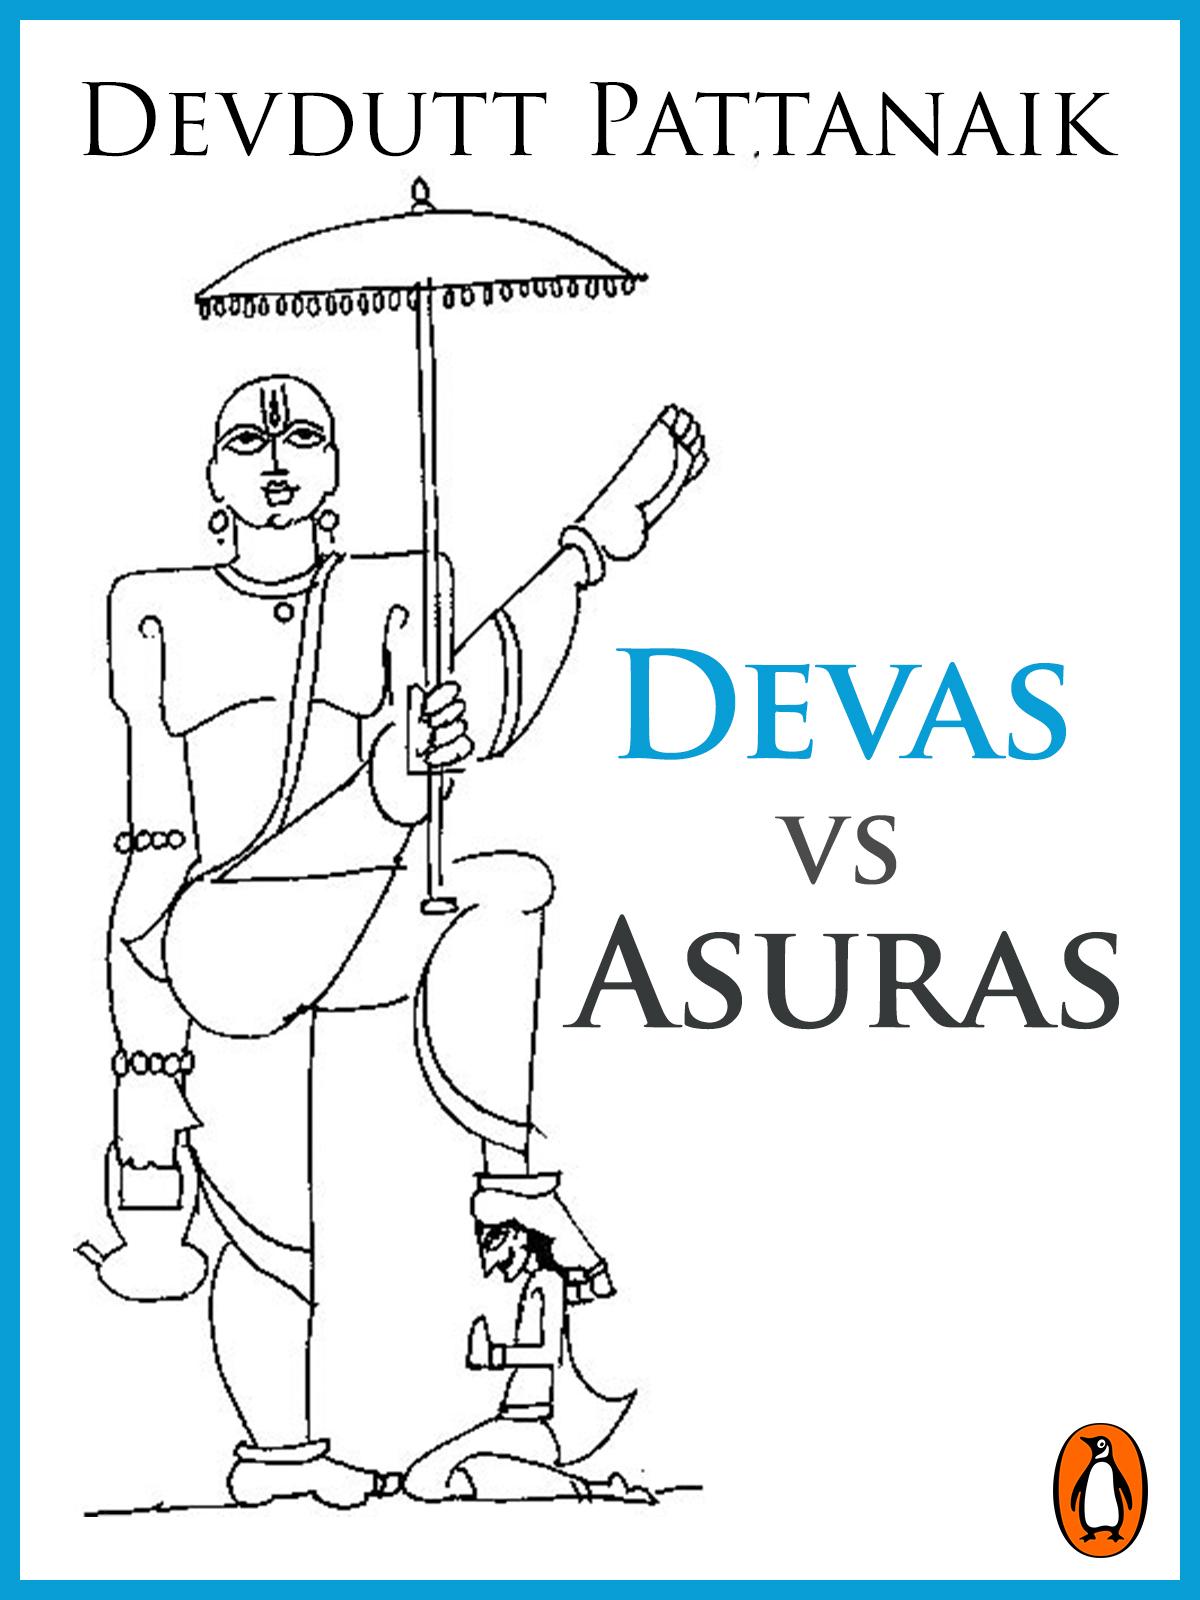 Devas vs Asuras